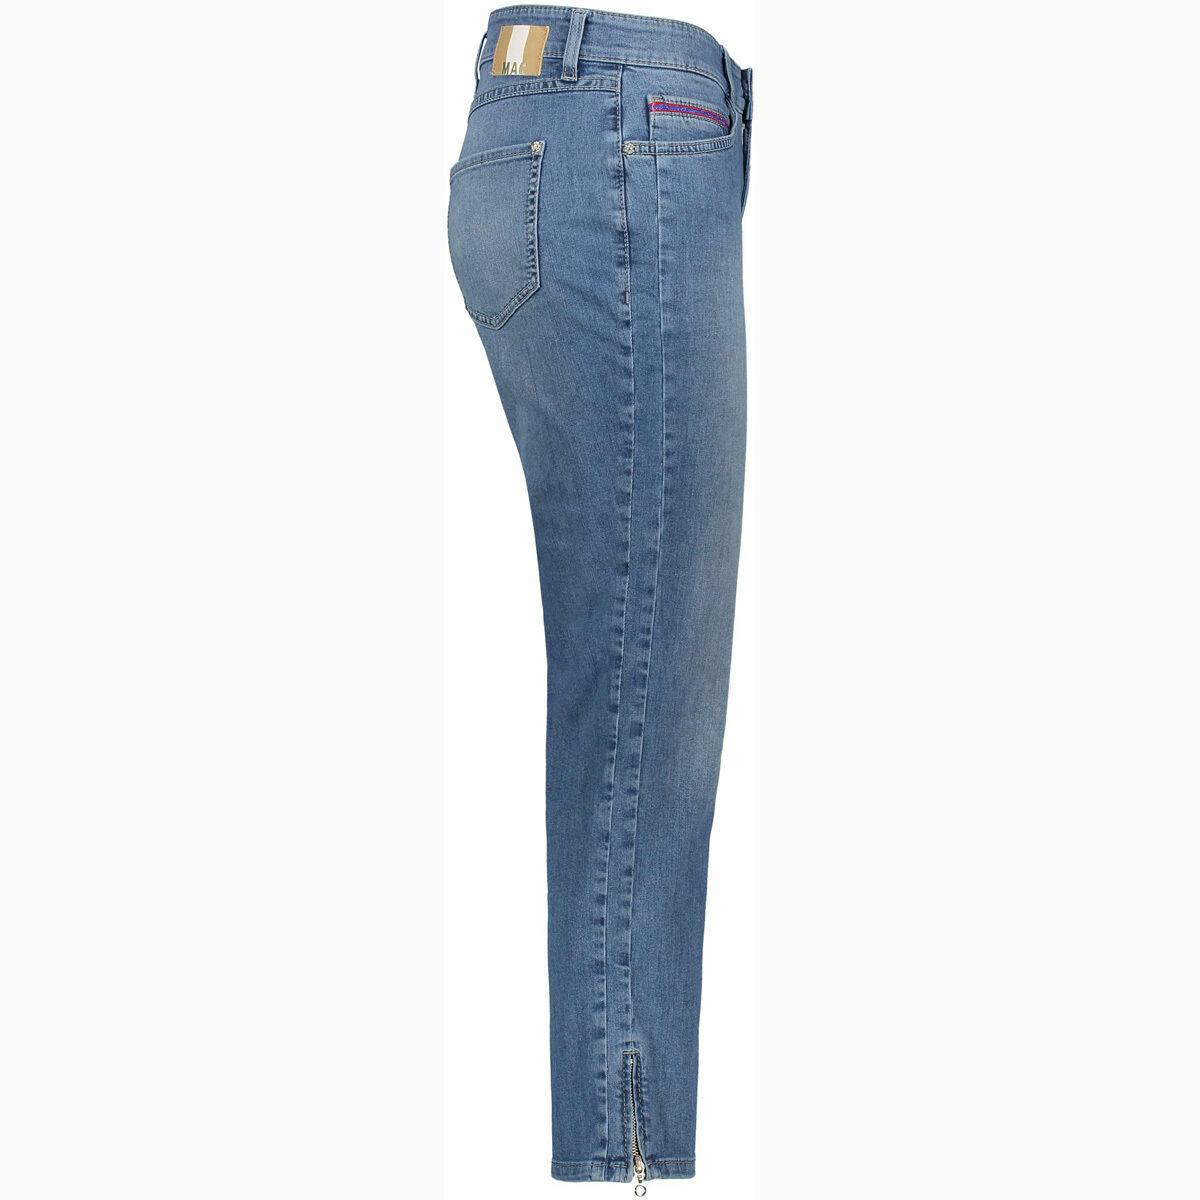 Bild 3 von Mac Damen Jeans, Feminine Fit, verkürzte Form